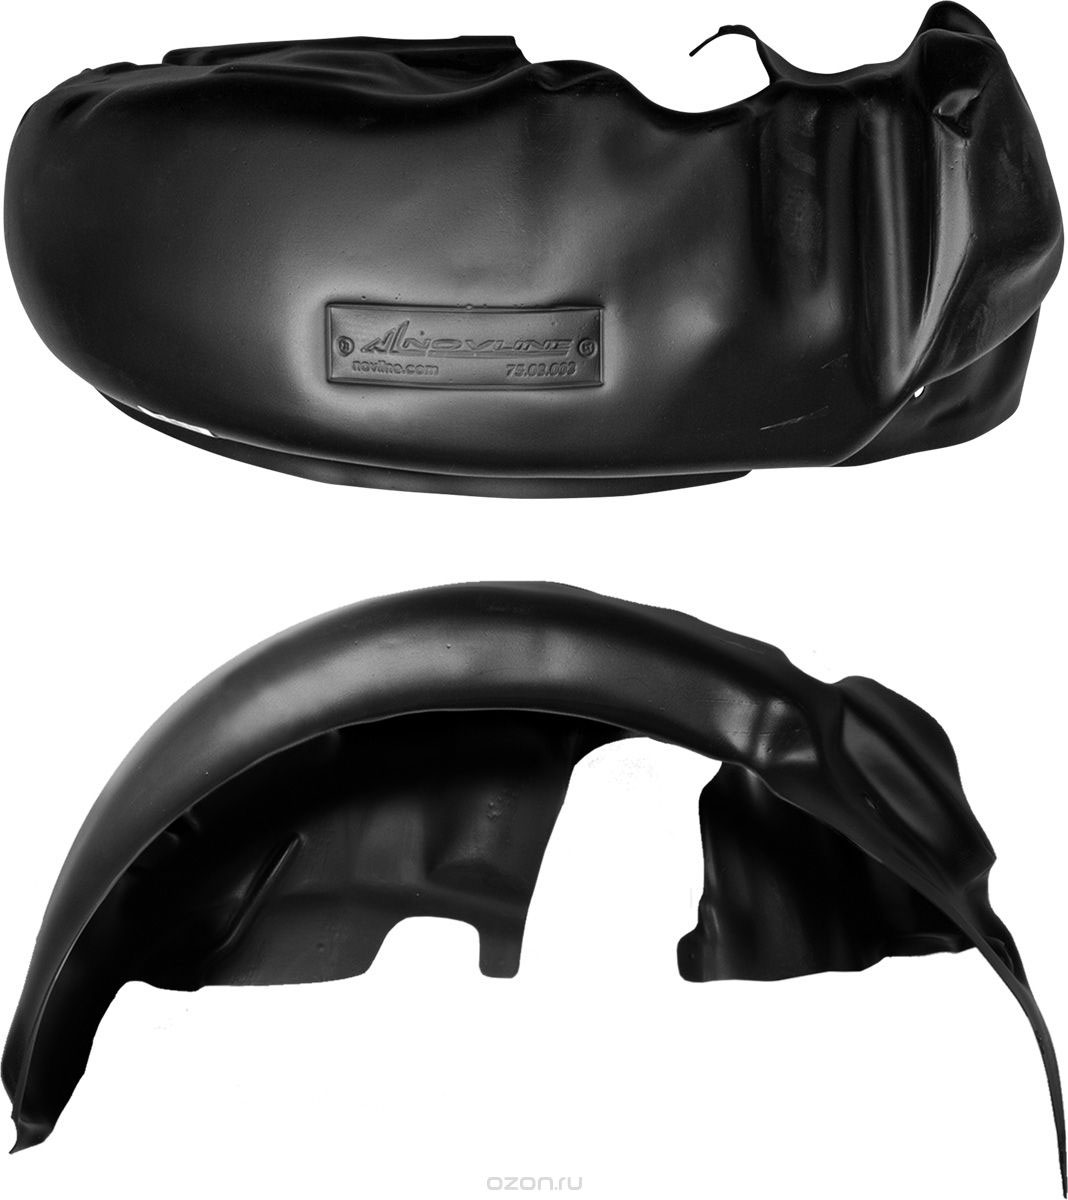 Подкрылок Novline-Autofamily, для TOYOTA Camry, 2011-2014, 2014->, передний левыйVCA-00Идеальная защита колесной ниши. Локеры разработаны с применением цифровых технологий, гарантируют максимальную повторяемость поверхности арки. Изделия устанавливаются без нарушения лакокрасочного покрытия автомобиля, каждый подкрылок комплектуется крепежом. Уважаемые клиенты, обращаем ваше внимание, что фотографии на подкрылки универсальные и не отражают реальную форму изделия. При этом само изделие идет точно под размер указанного автомобиля.